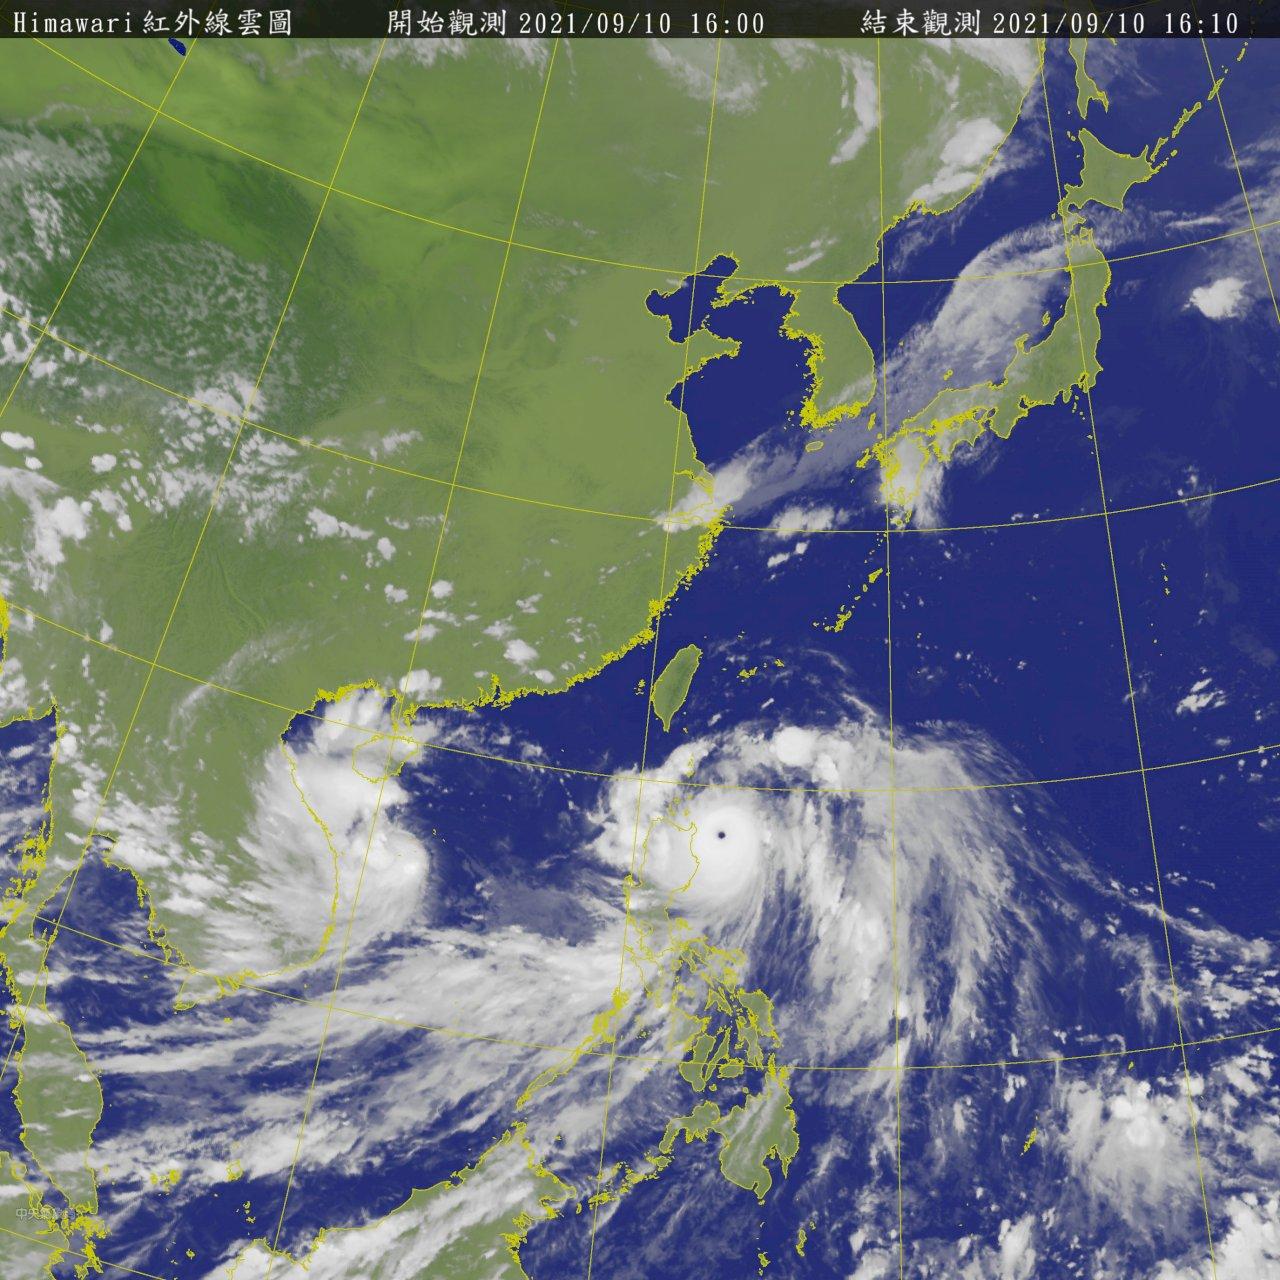 「璨樹」增強變壯、海警範圍再擴大 陸警17:30發布